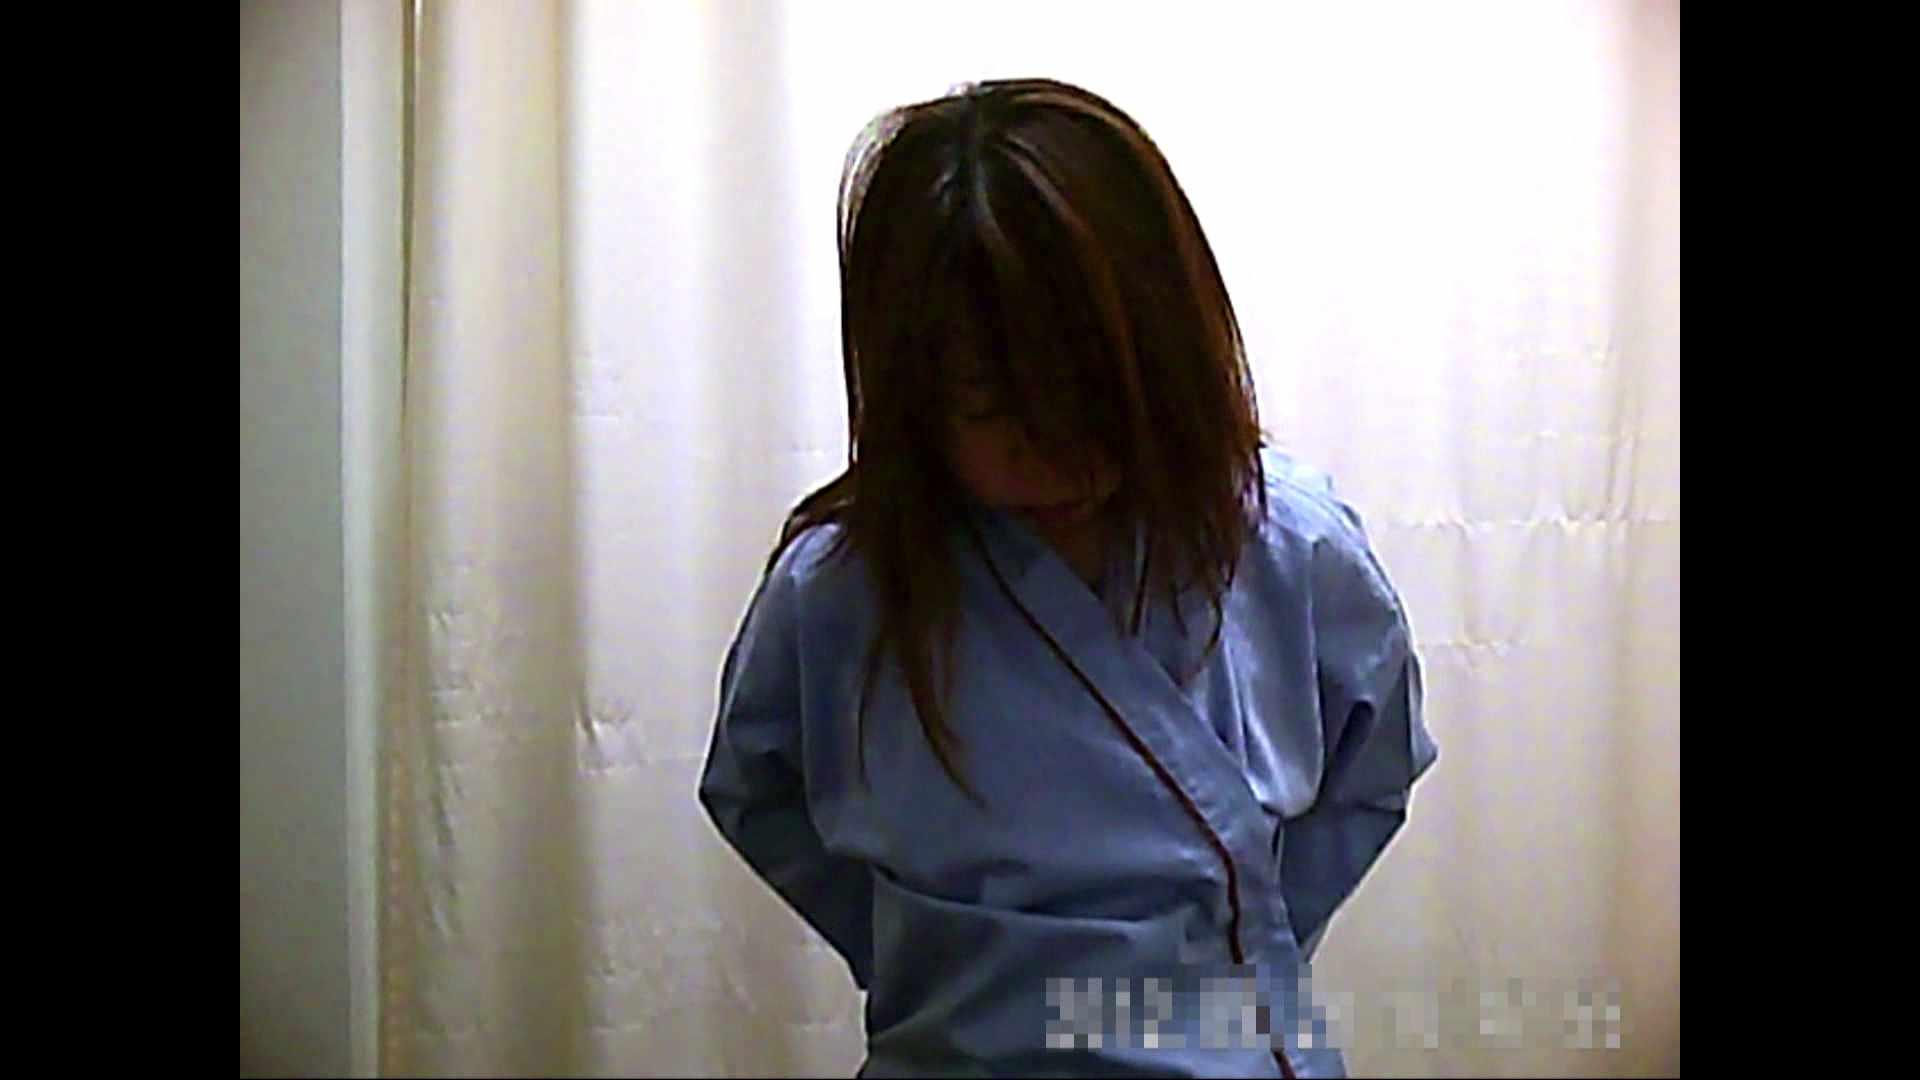 元医者による反抗 更衣室地獄絵巻 vol.073 お姉さん攻略 われめAV動画紹介 110画像 56